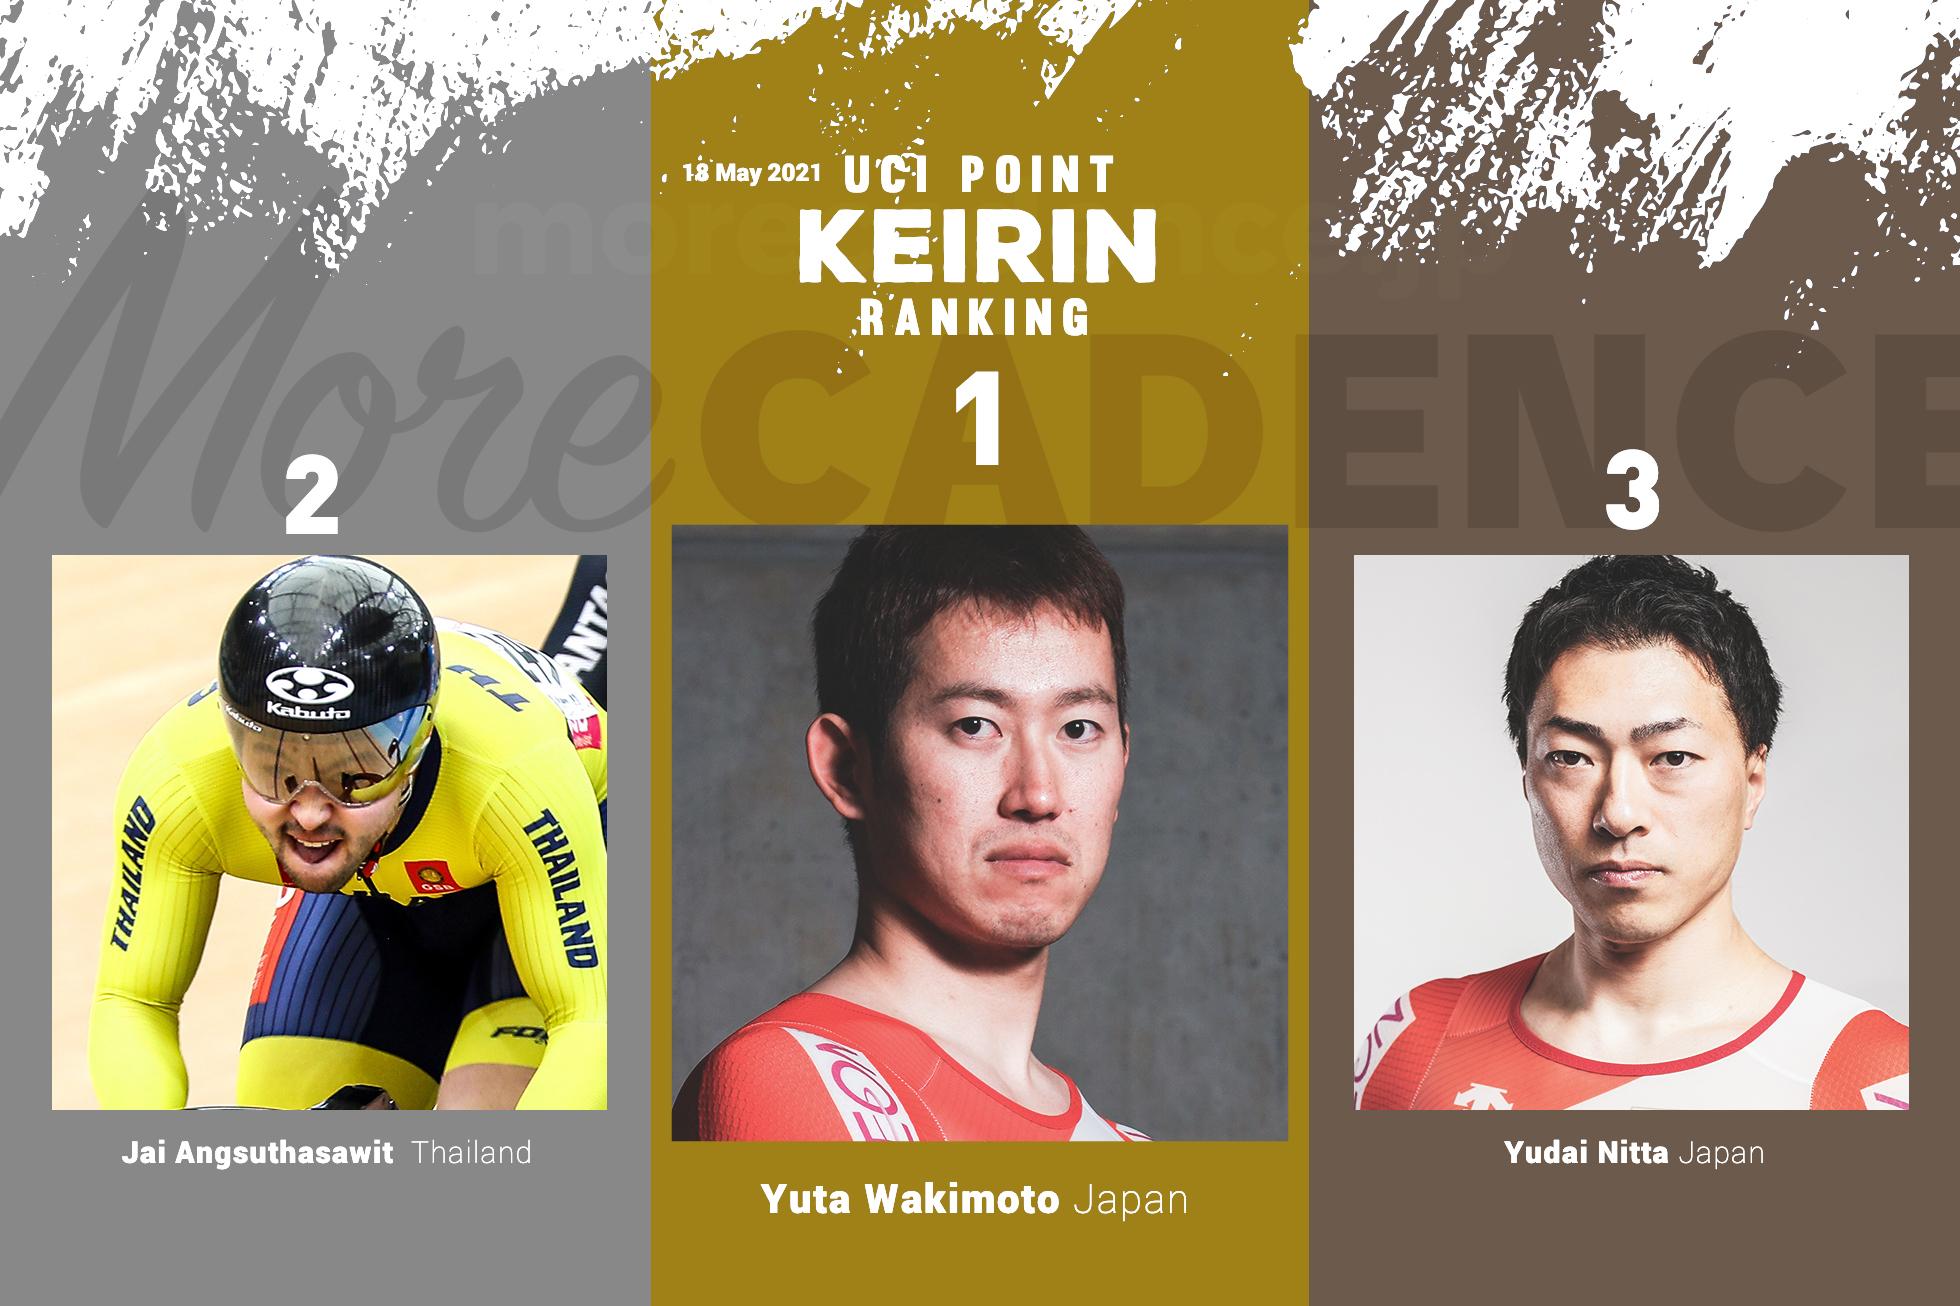 日本代表が世界ランキング上位独占!最新UCIポイントランキング(5月18日更新版)